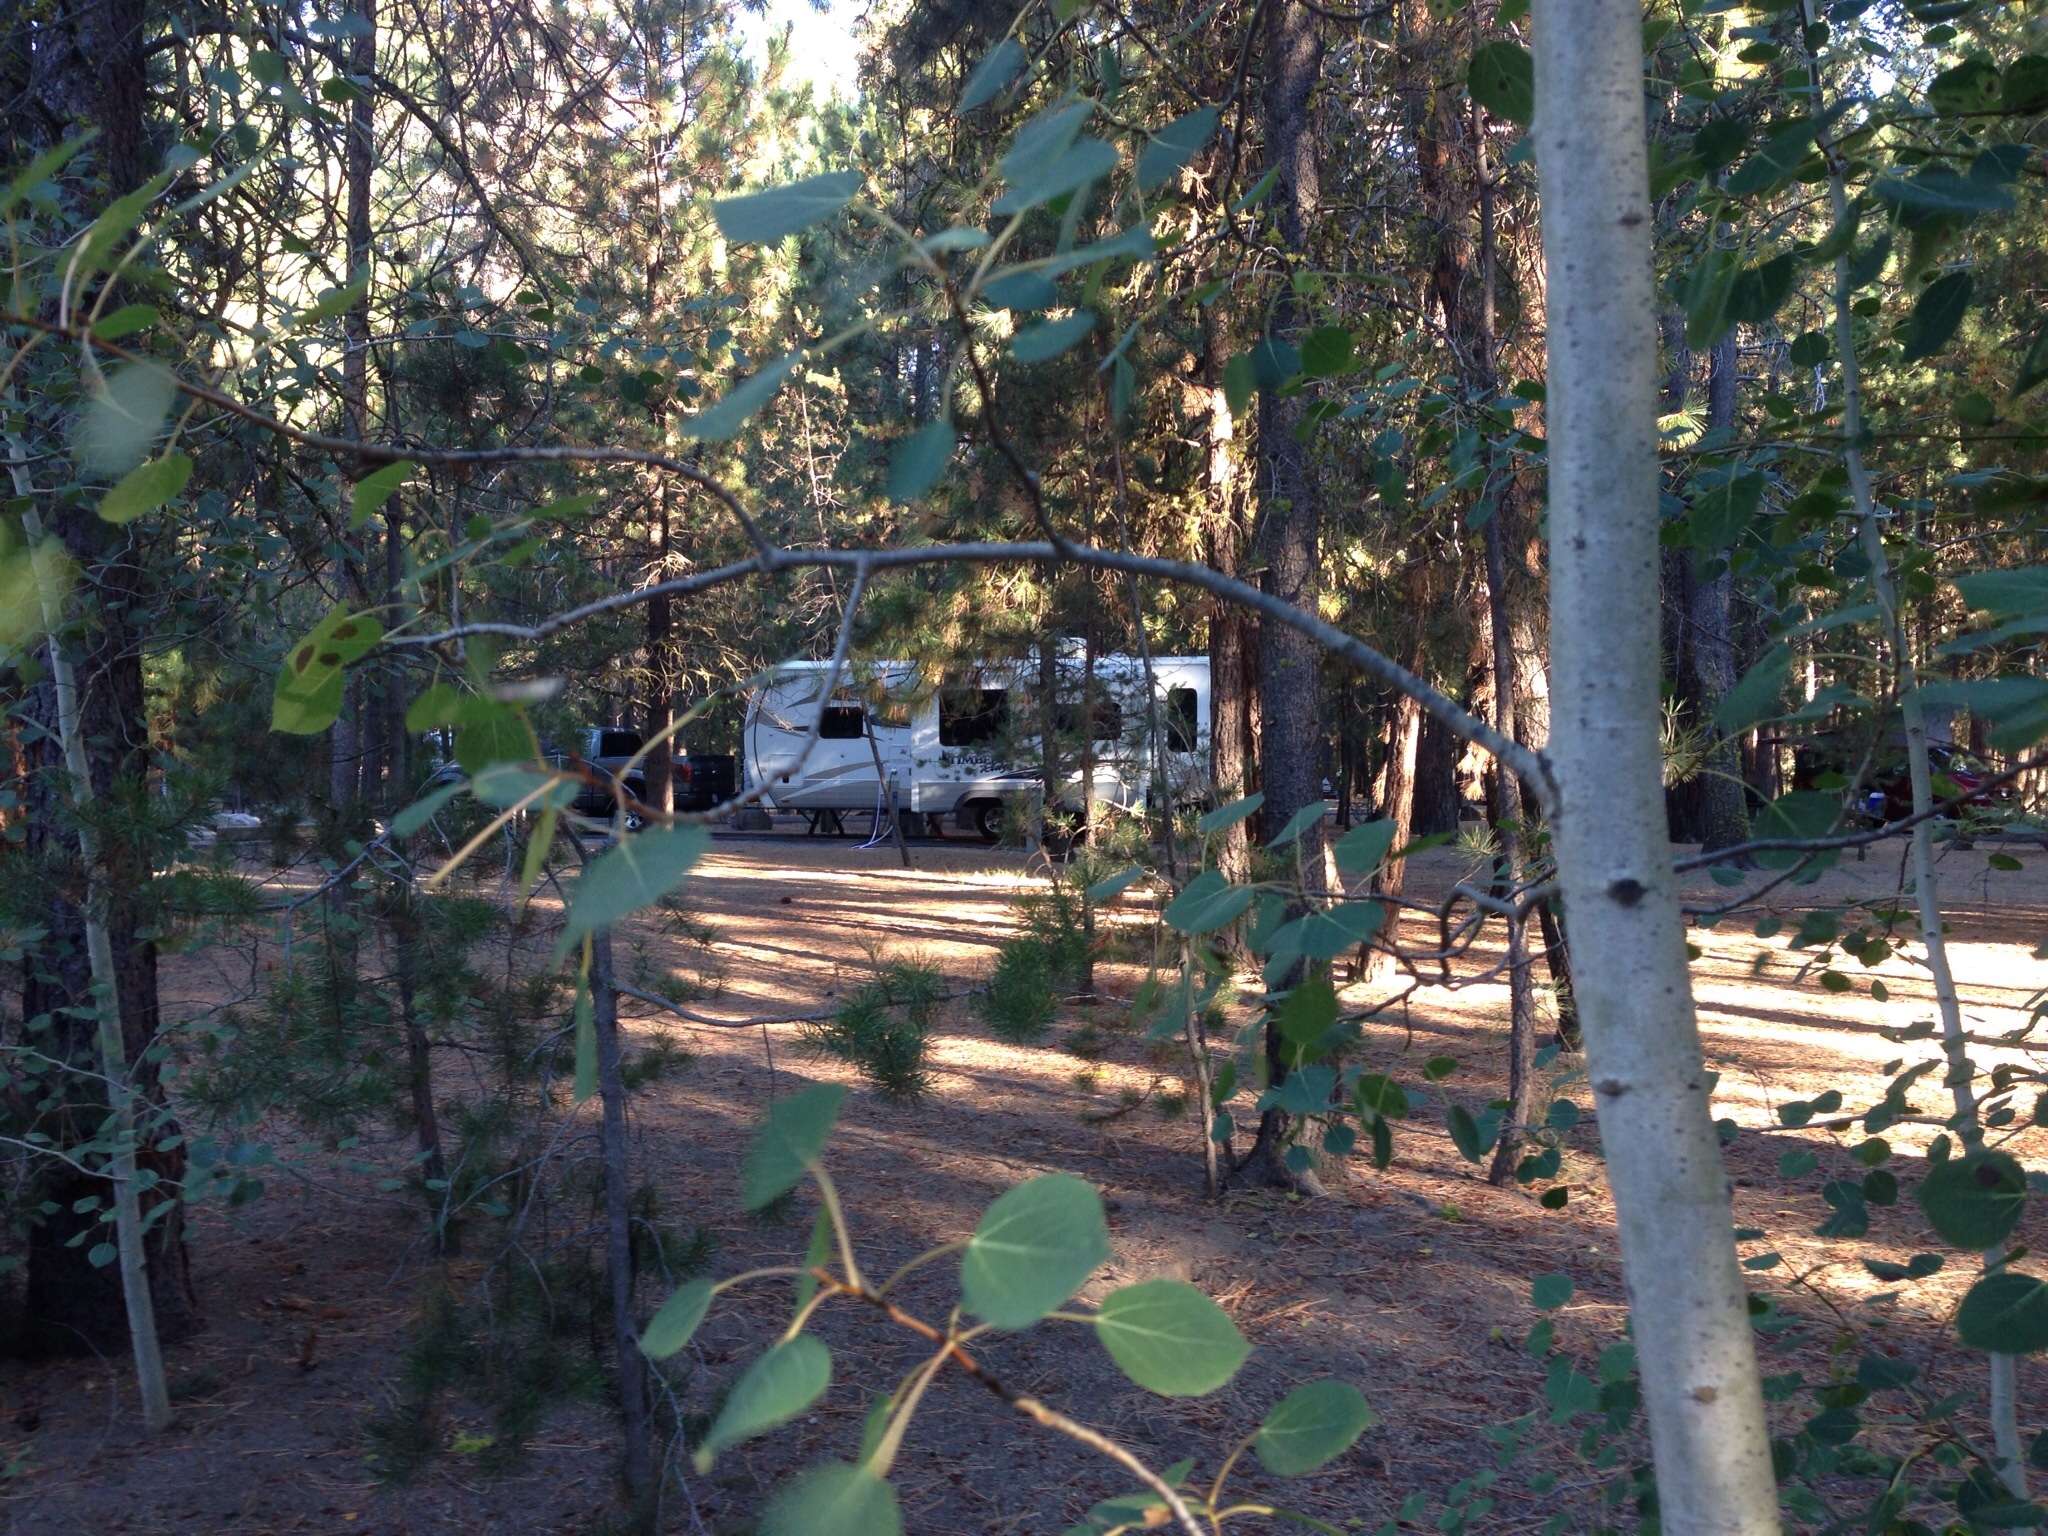 Chiloquin Rv Parks Reviews And Photos Rvparking Com